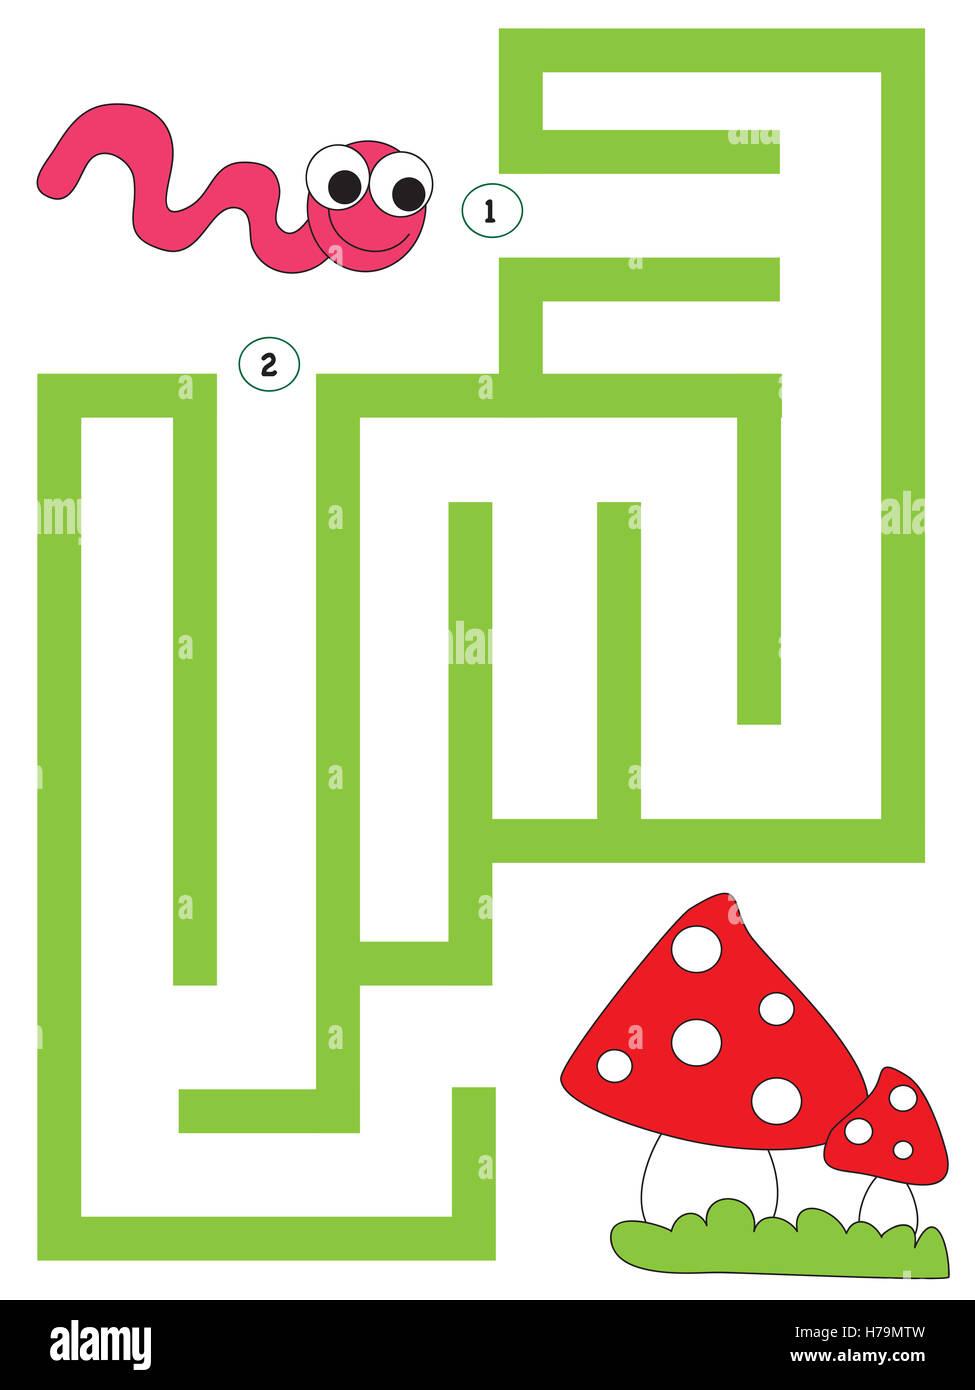 einfach Labyrinth für Kinder Stockfoto, Bild: 124989113 - Alamy